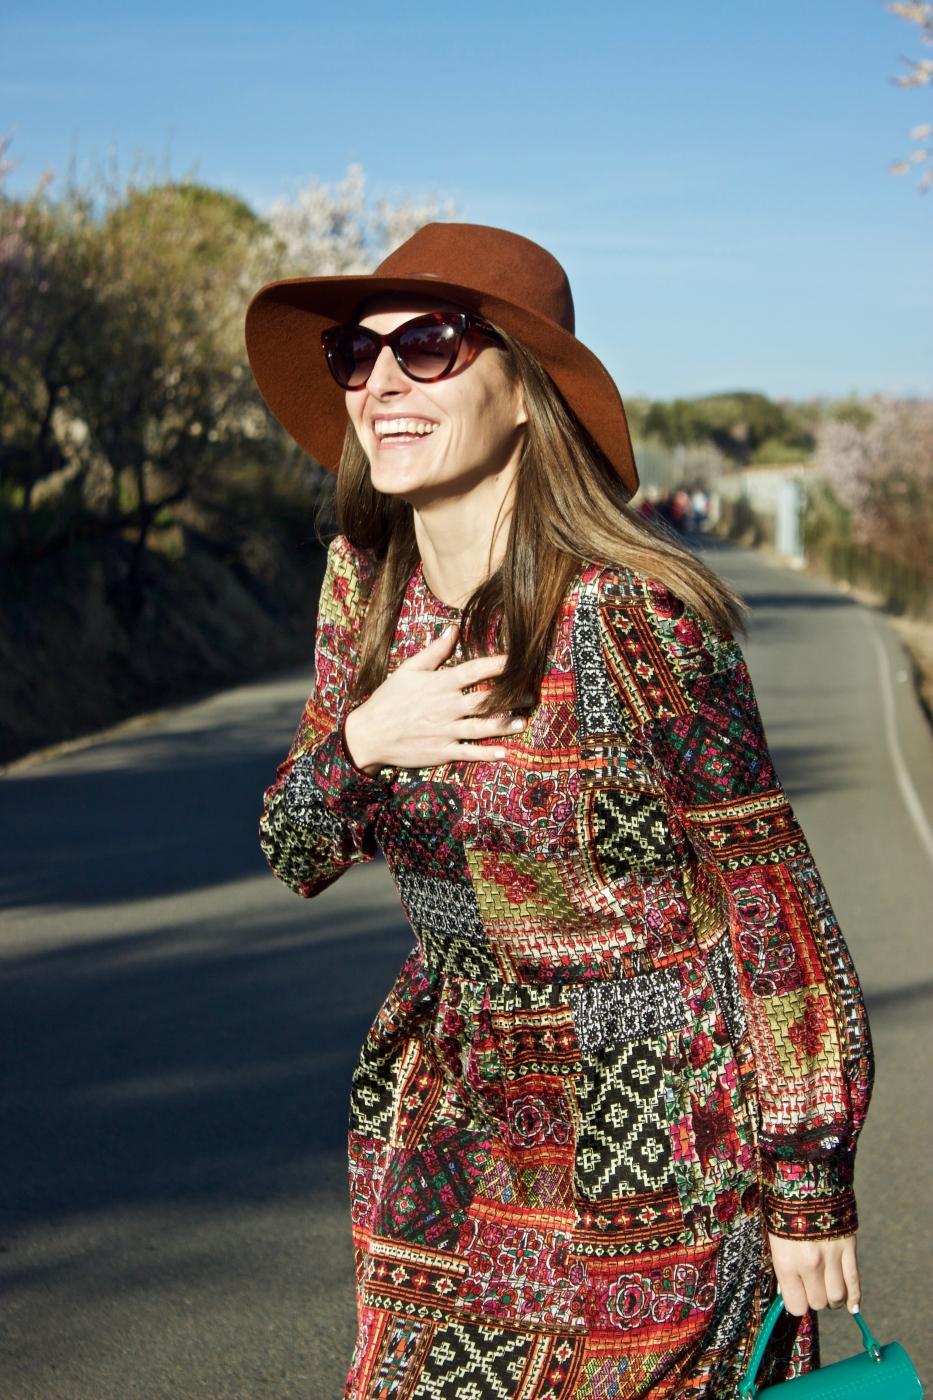 lara-vazquez-madlula-style-fashion-blog-moda-winter-dress